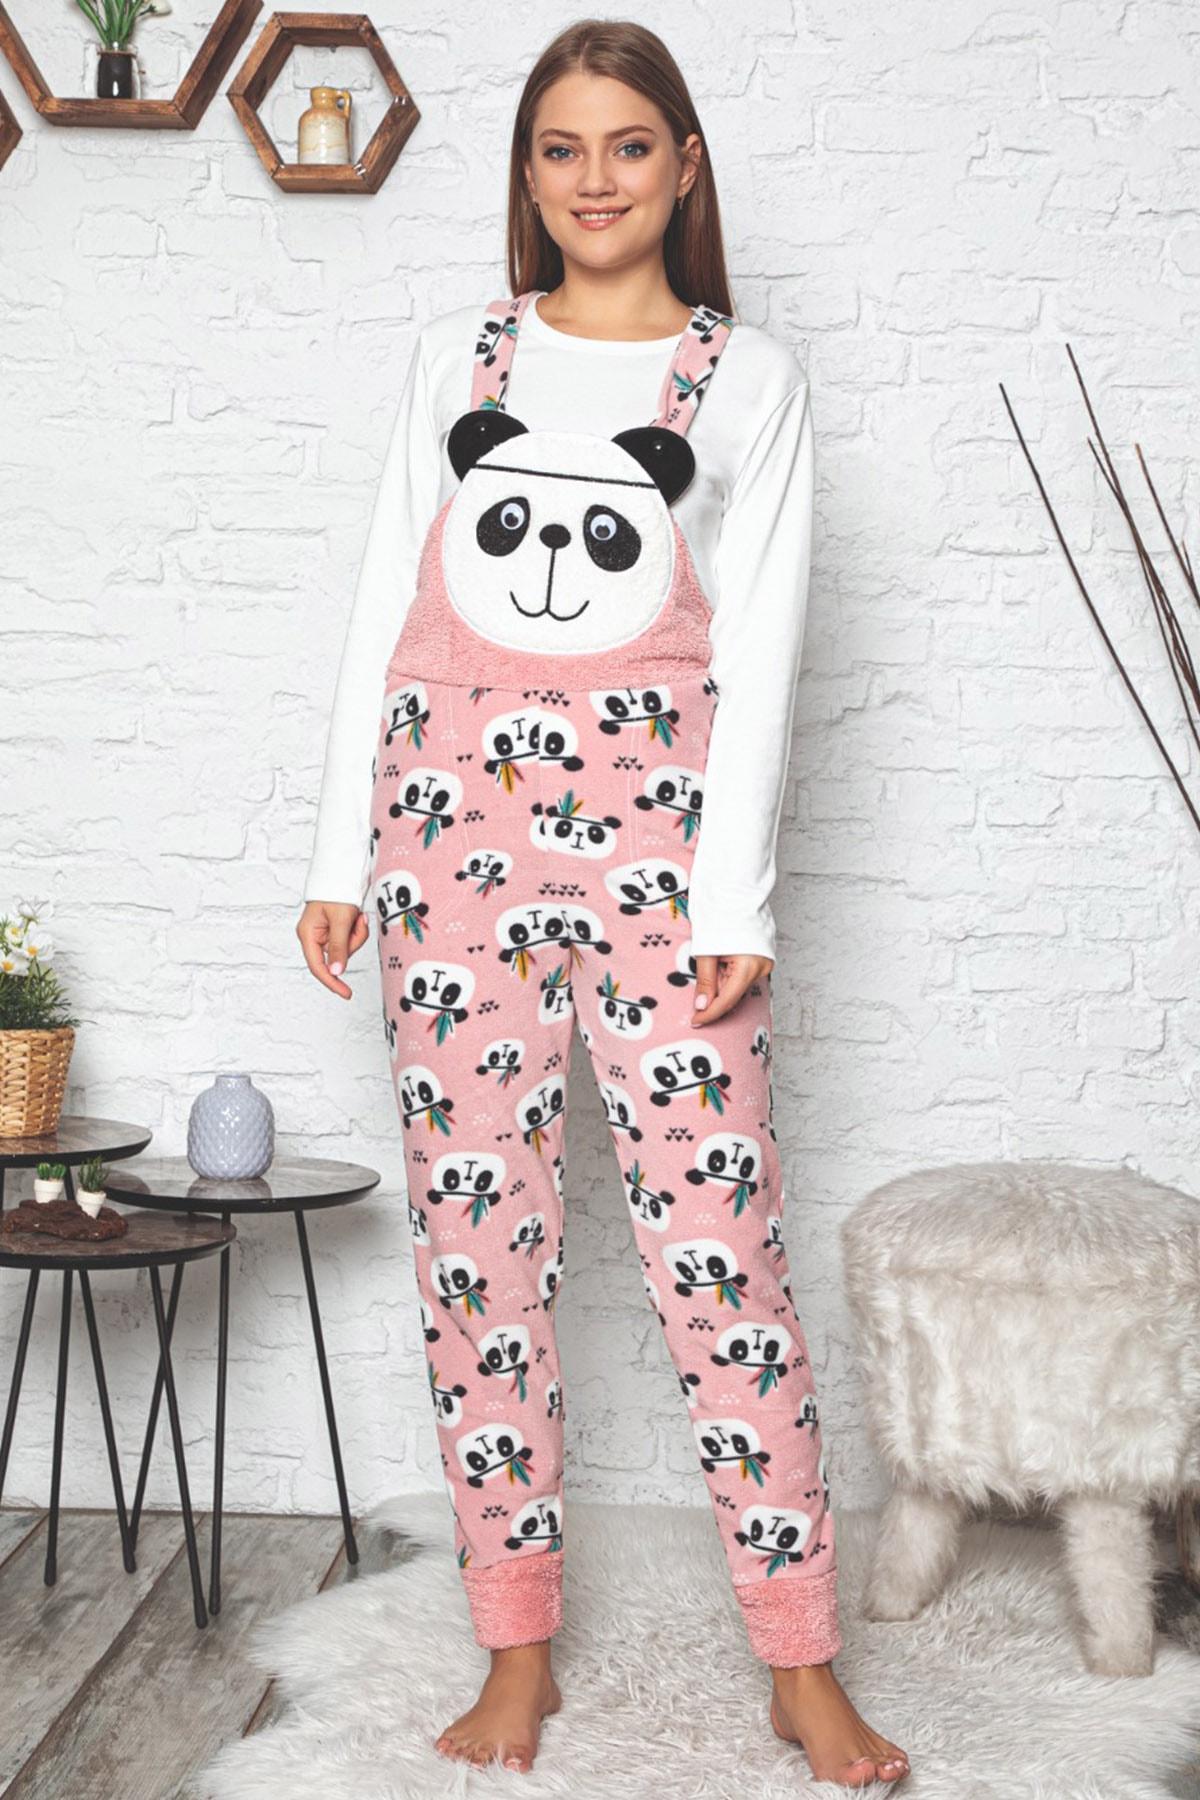 Pijamaevi Kadın Pembe Panda Desenli Kadın Bahçıvan Polar Peluş Tulum Pijama Takımı 2